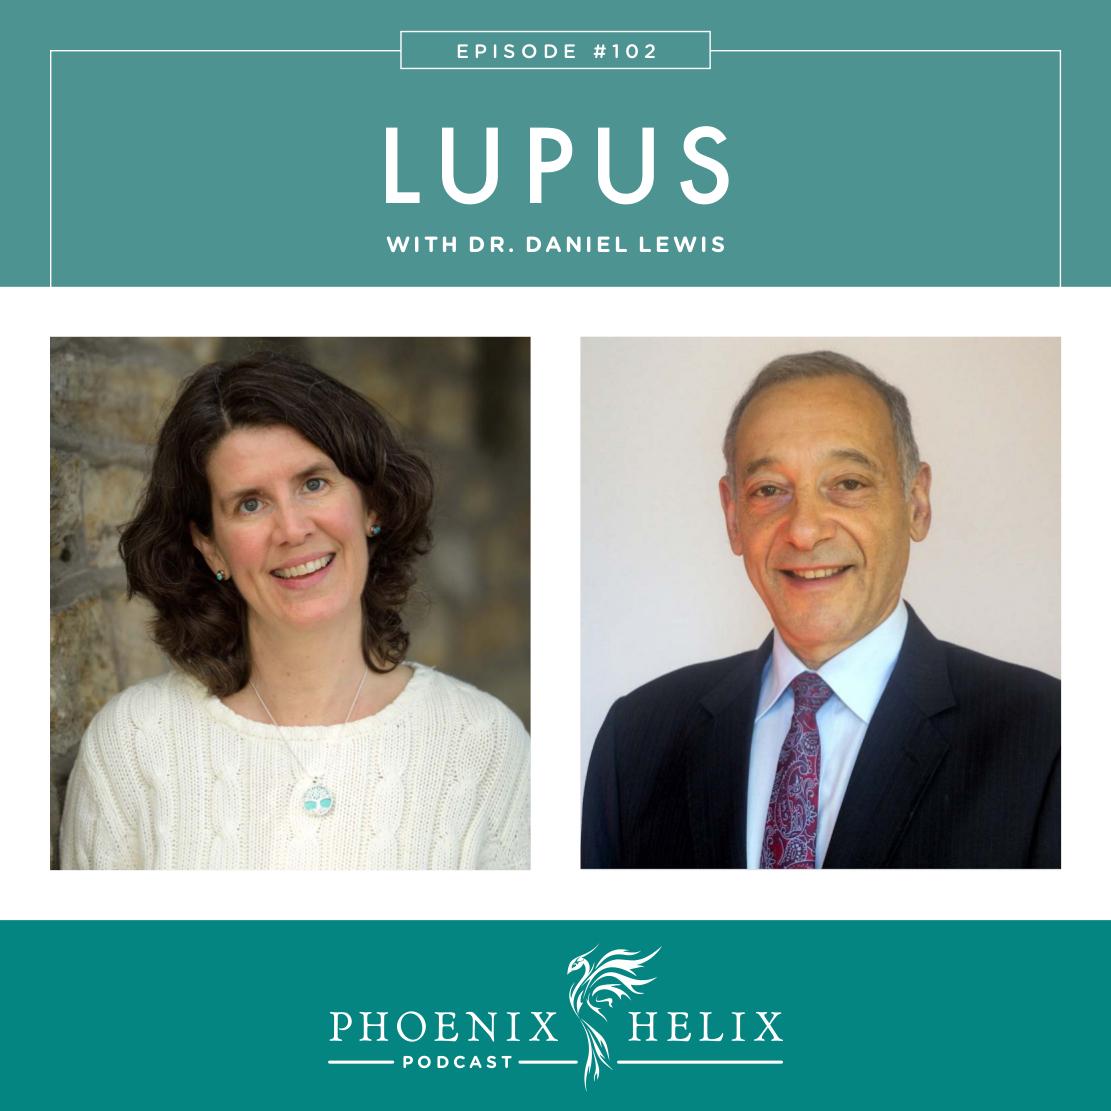 Lupus with Dr. Daniel Lewis | Phoenix Helix Podcast